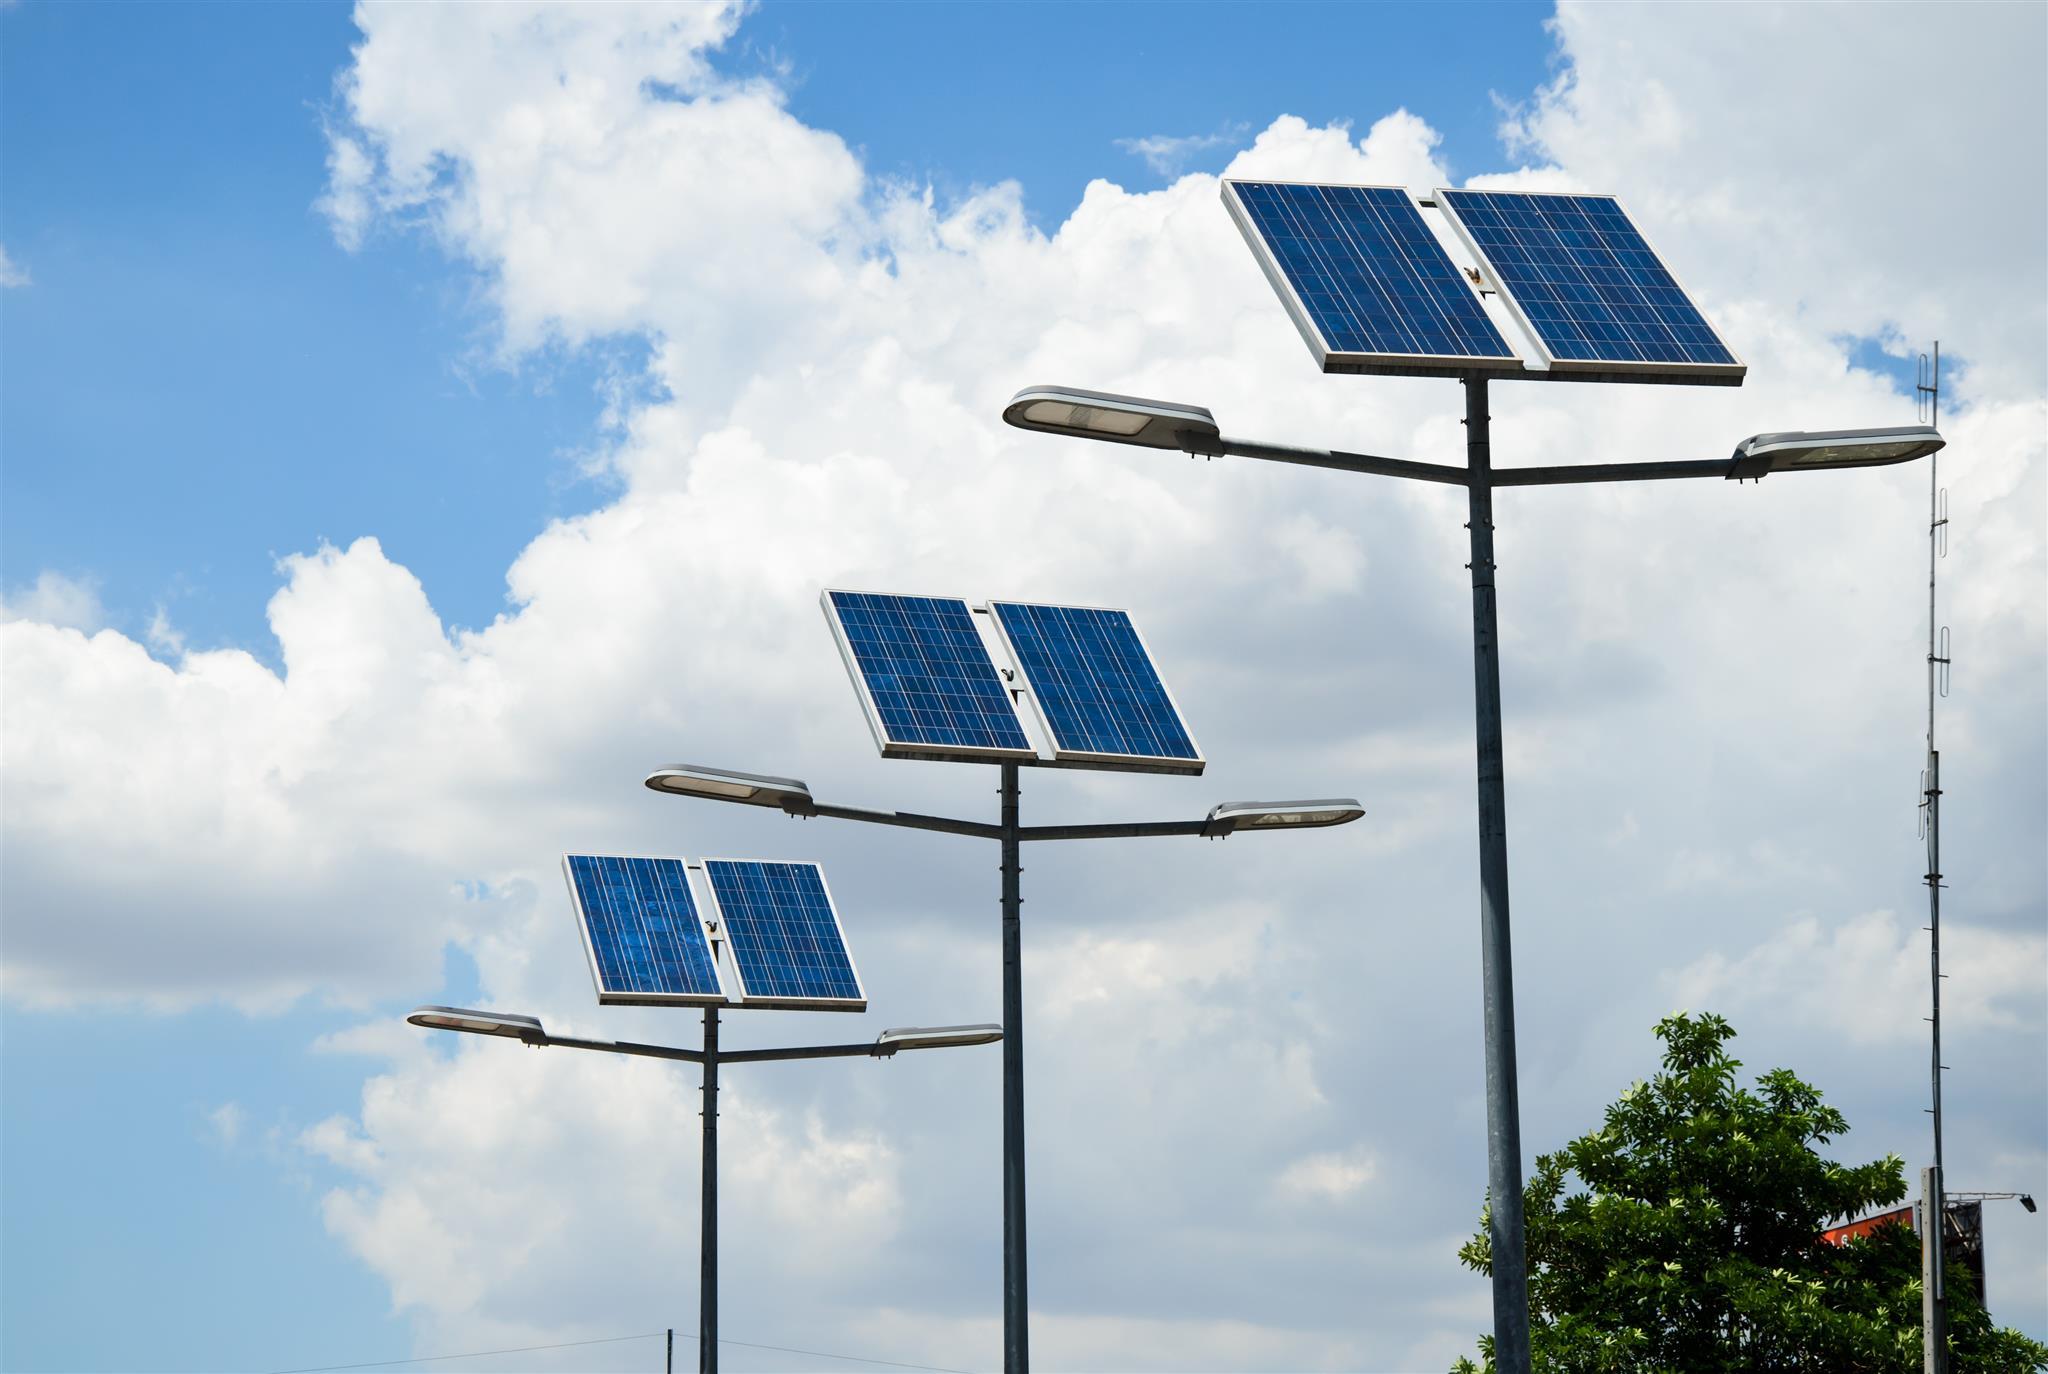 kit de energia solar _ postes solares